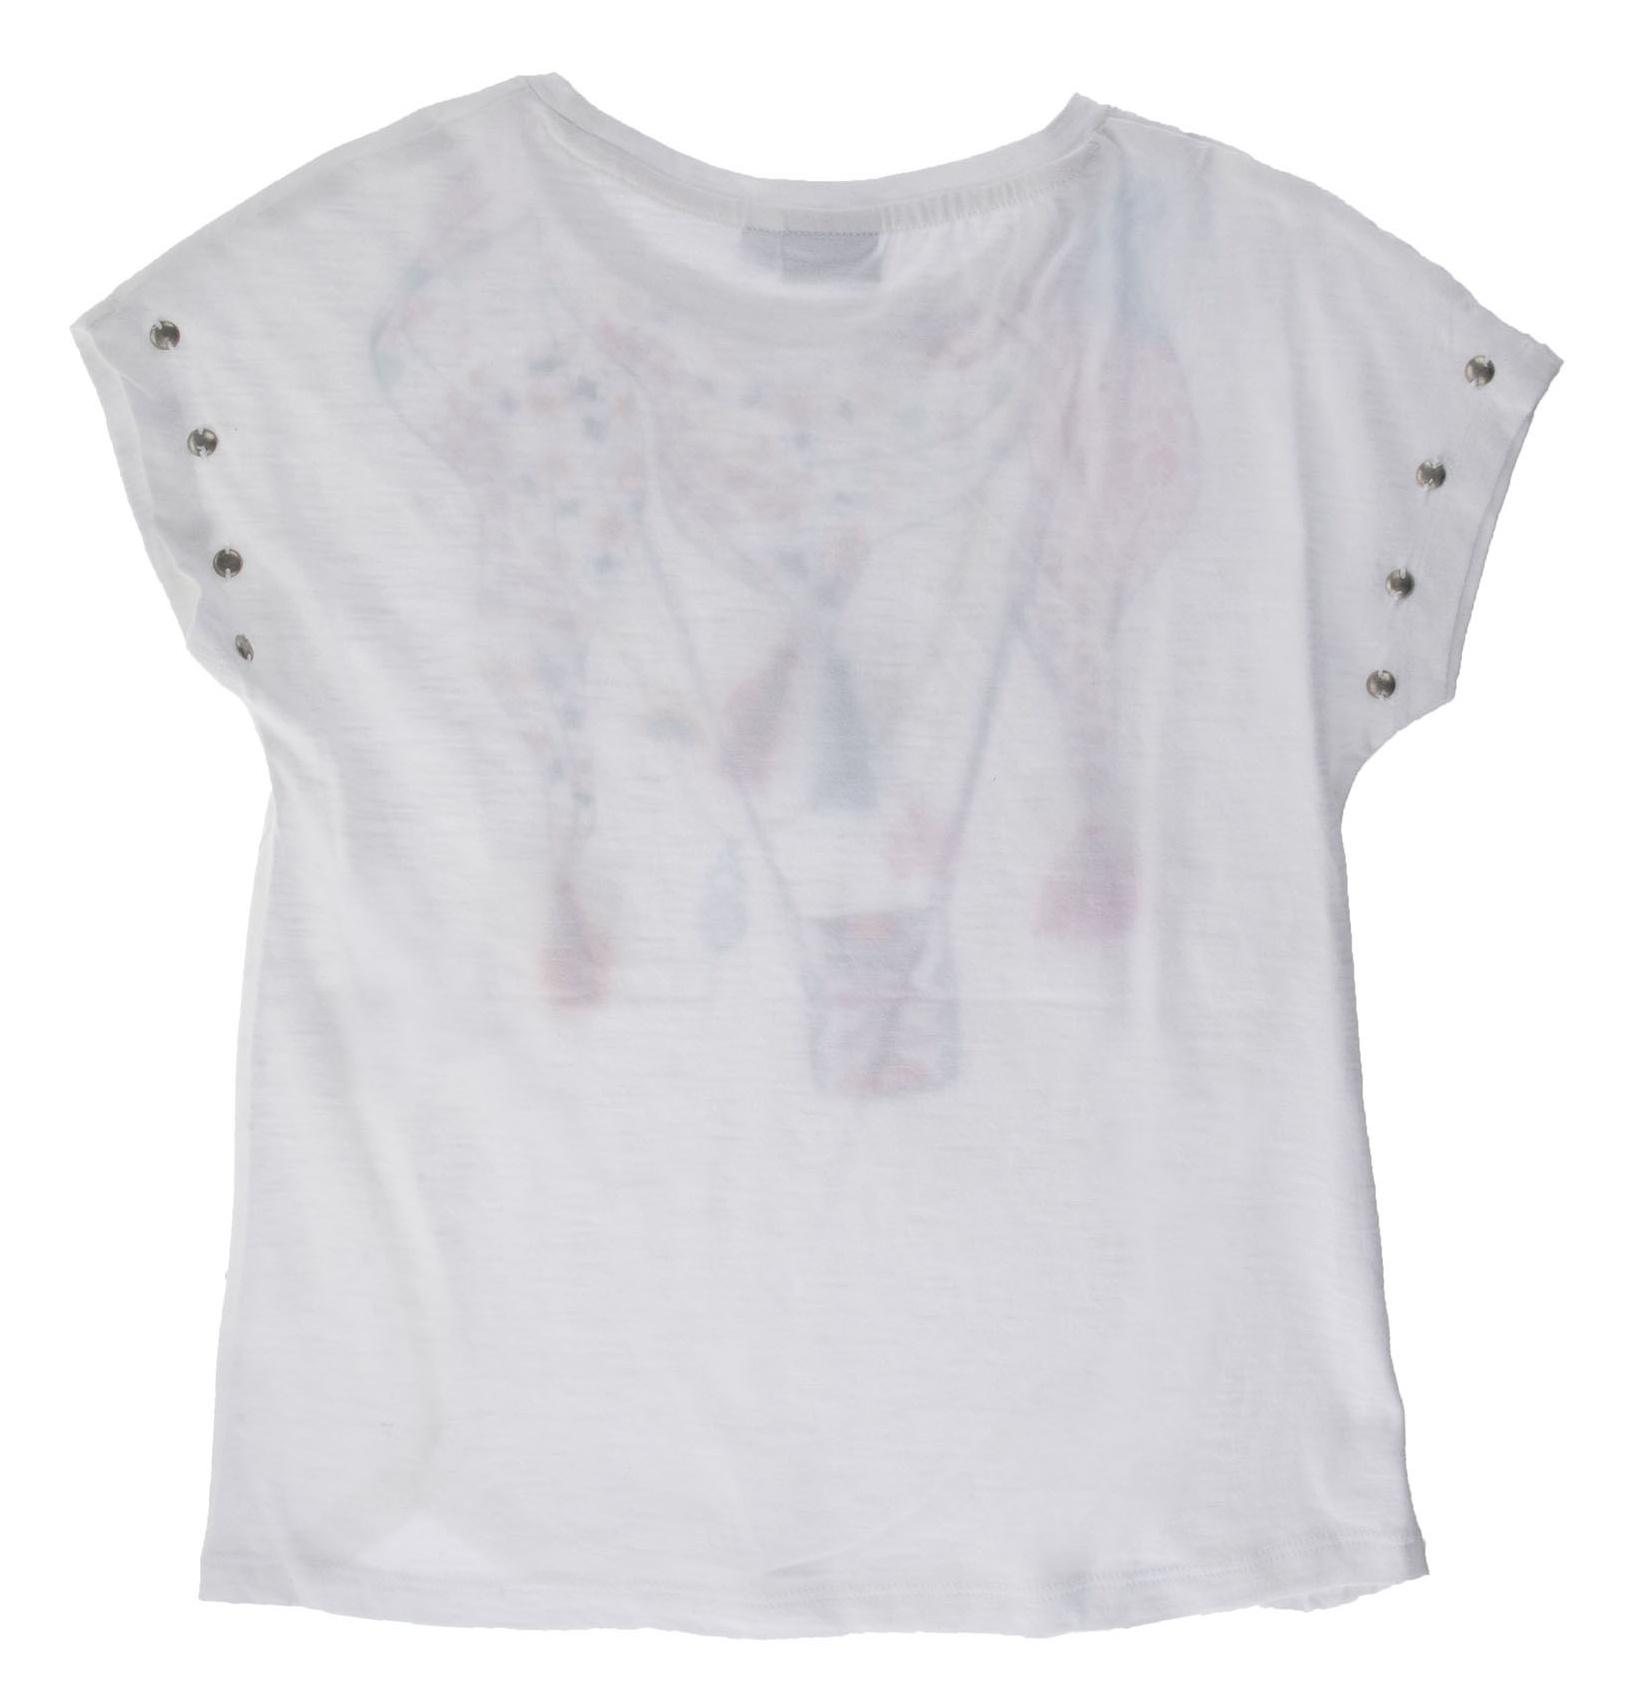 تی شرت نخی یقه گرد دخترانه - بلوکیدز - سفيد - 2